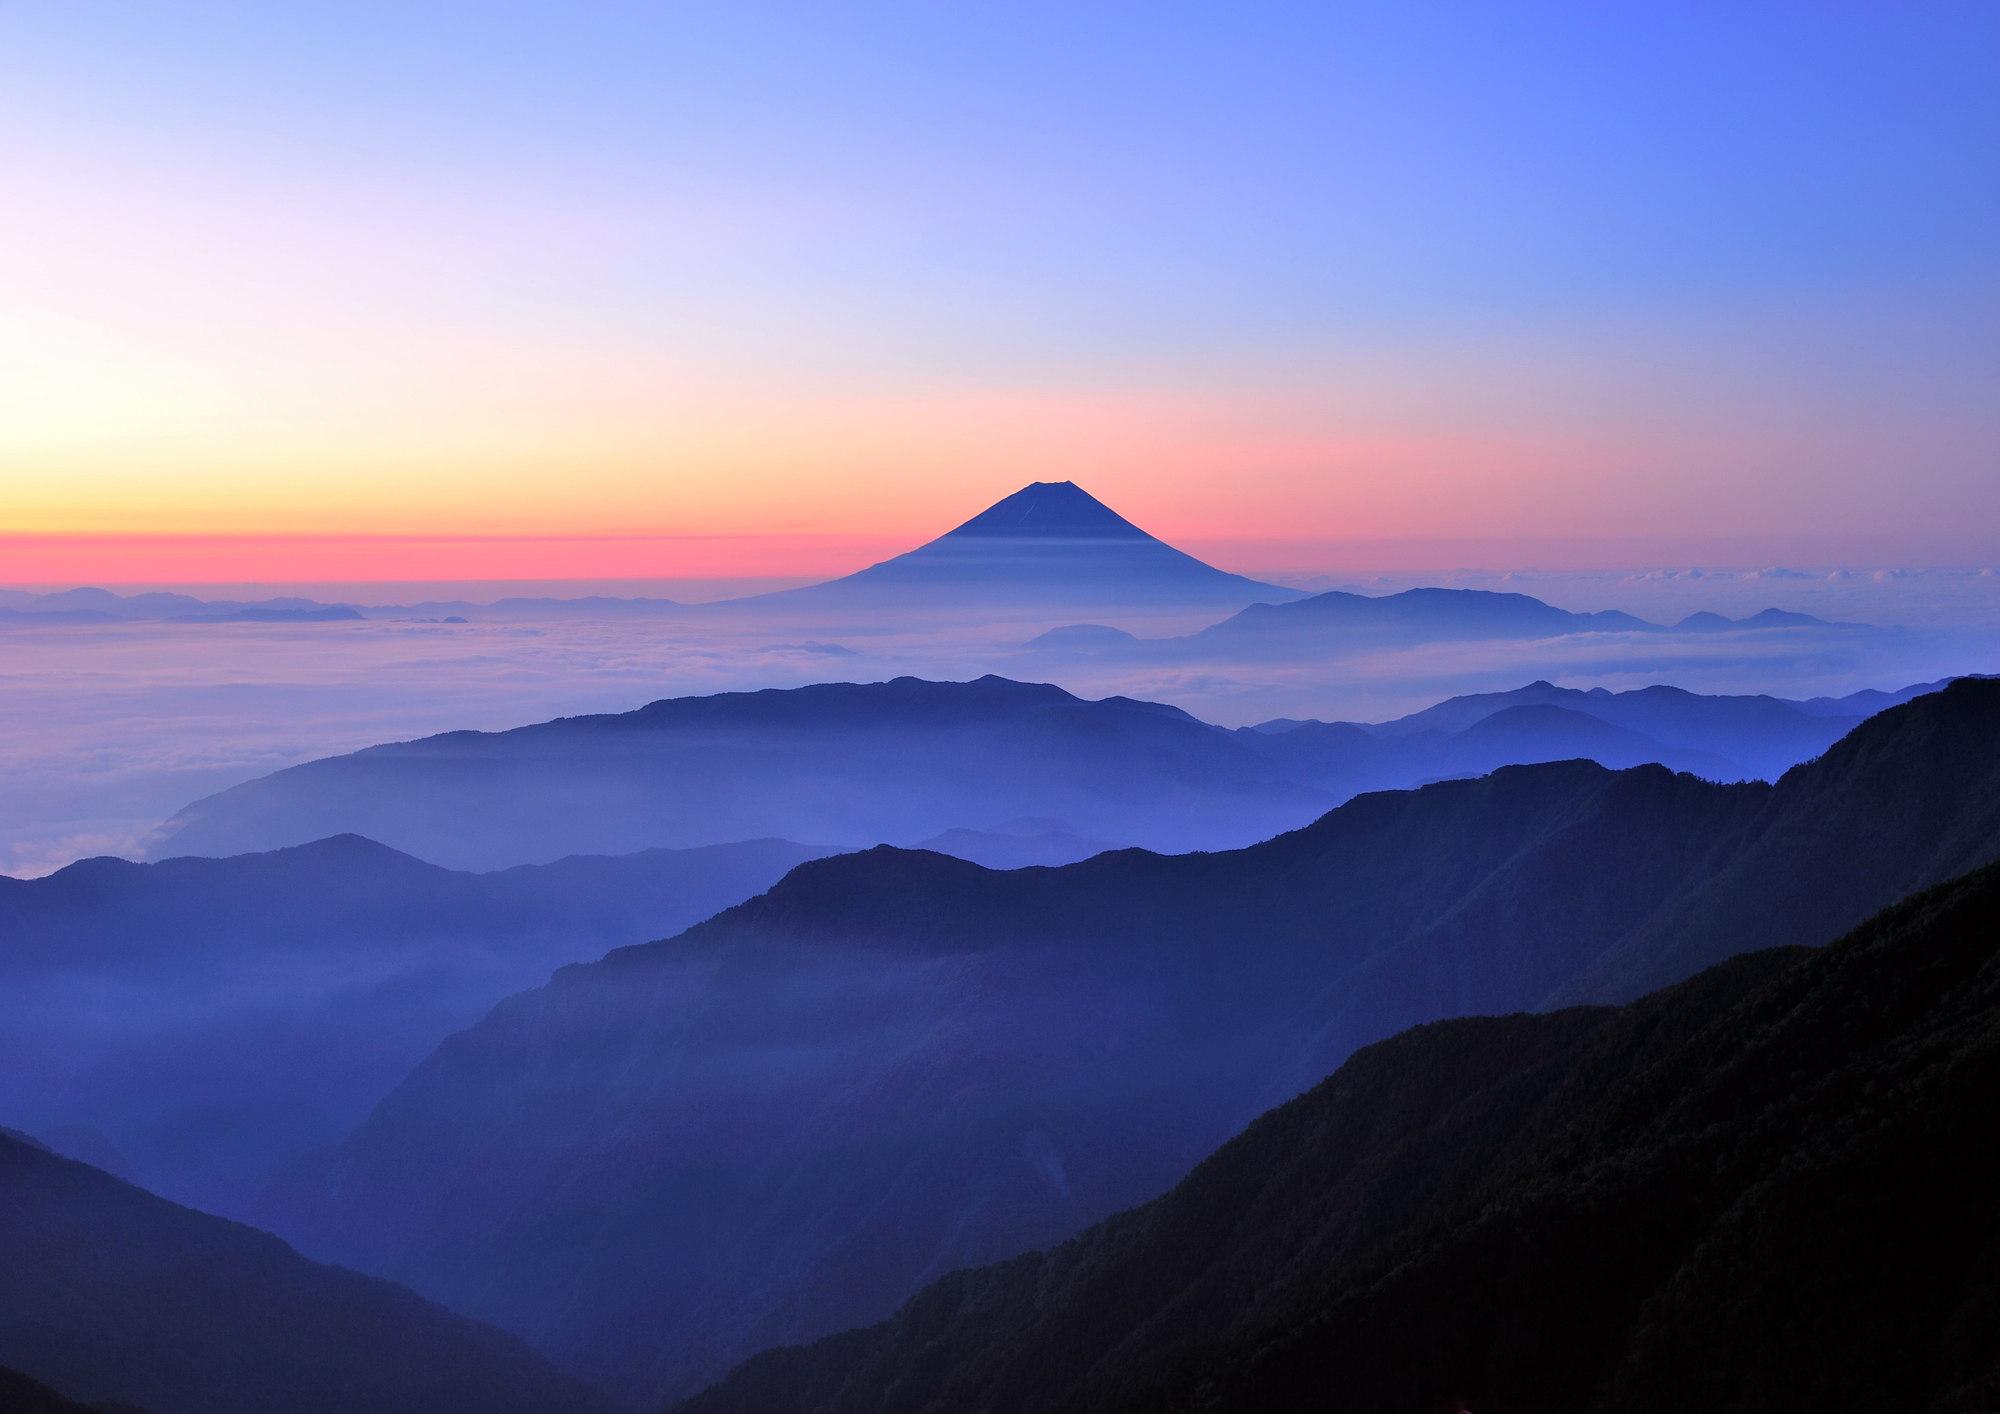 haiku 夏の夜明けnatsu no yoake summer dawn kanzen sakura